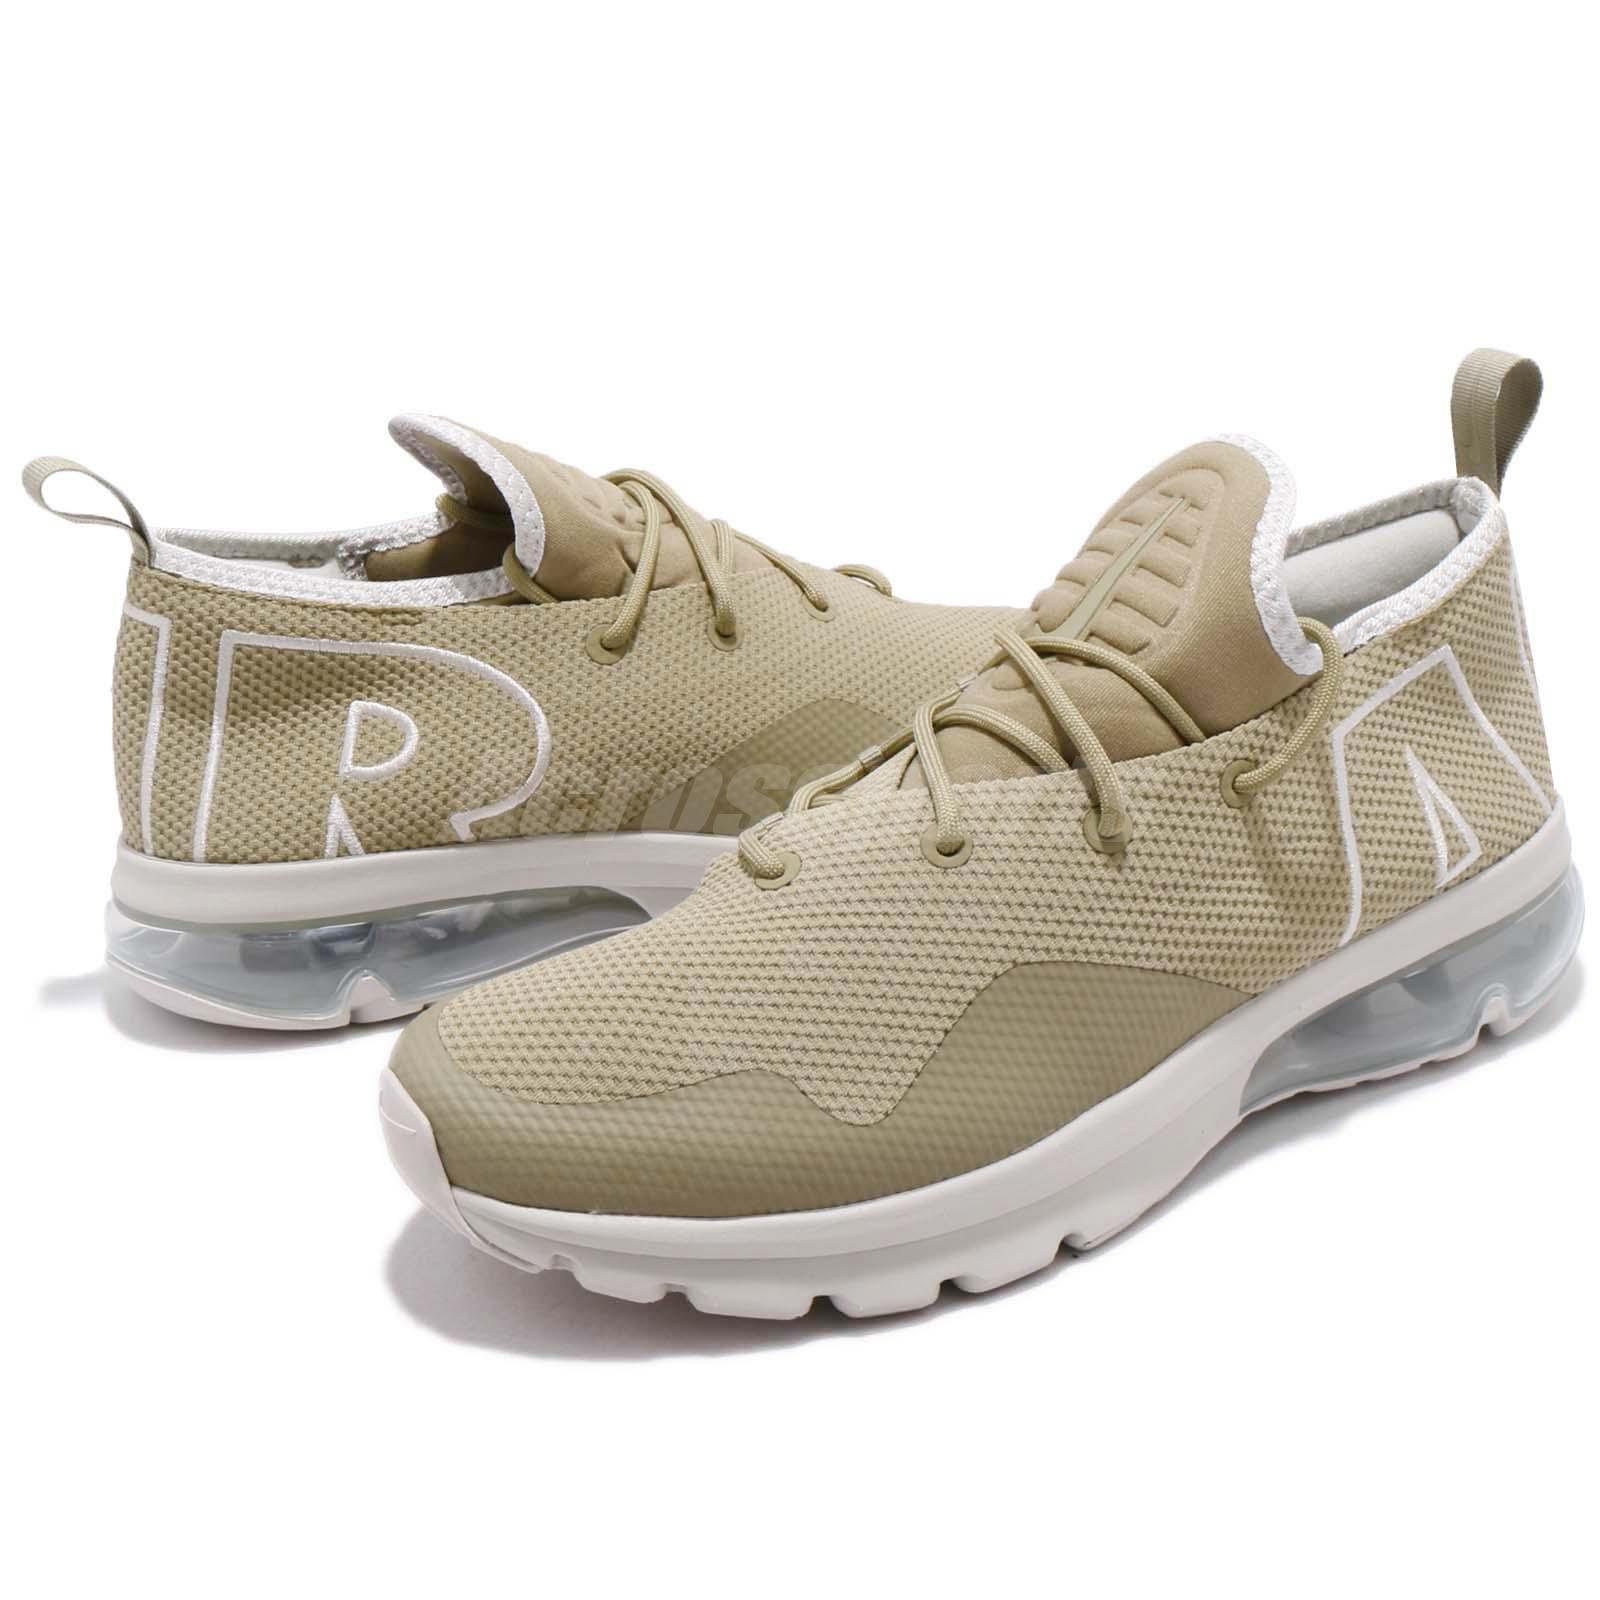 a09754fa04 Nike Air Max Flair 50 Neutral Olive Light Bone Men Running Shoes ...